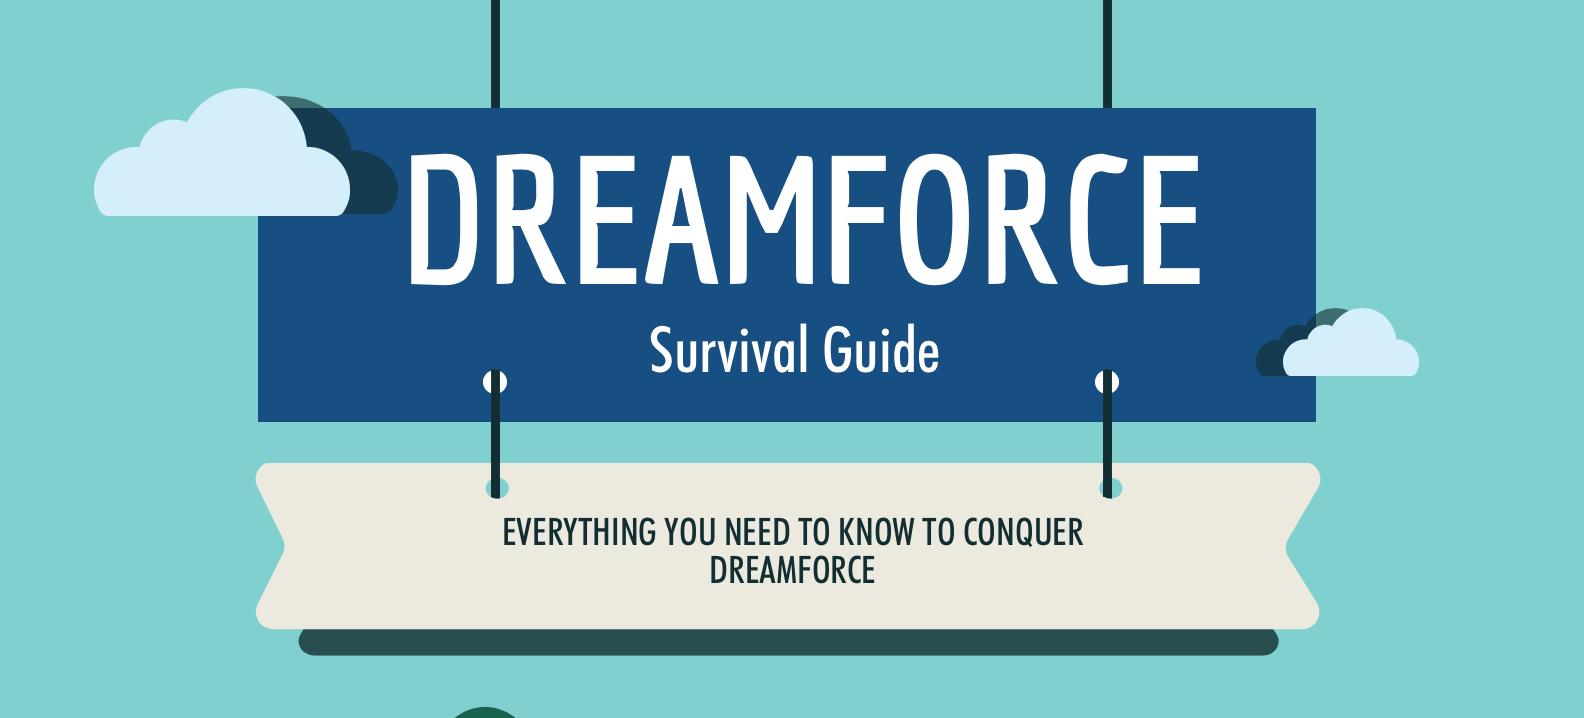 Dreamforce Survival Guide